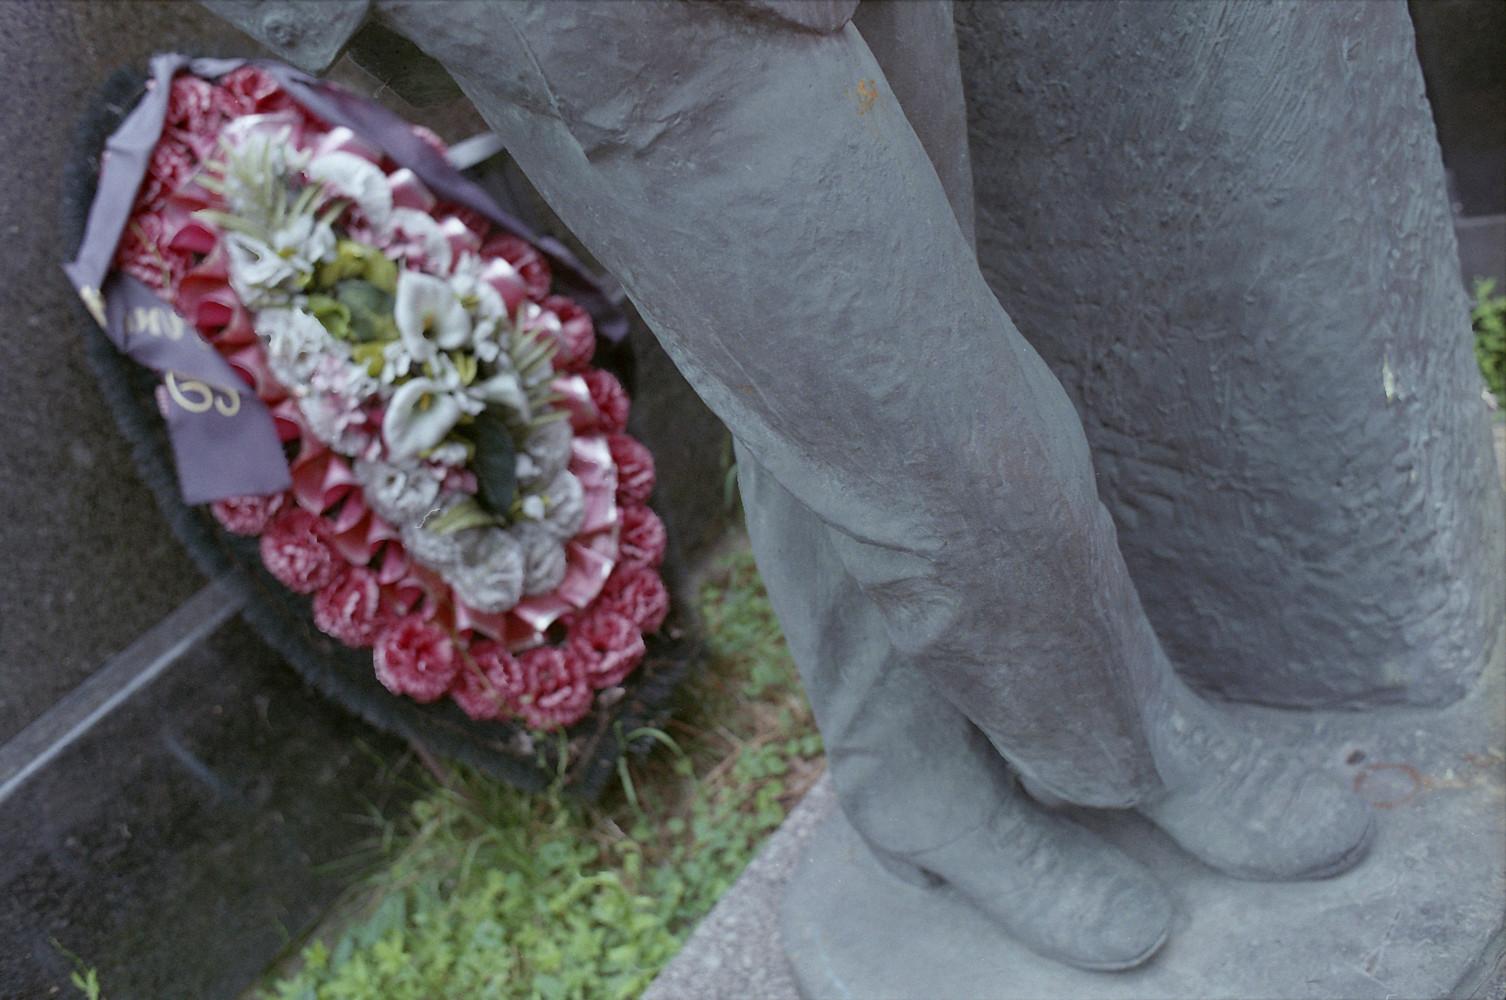 Maresyev floral arrangement